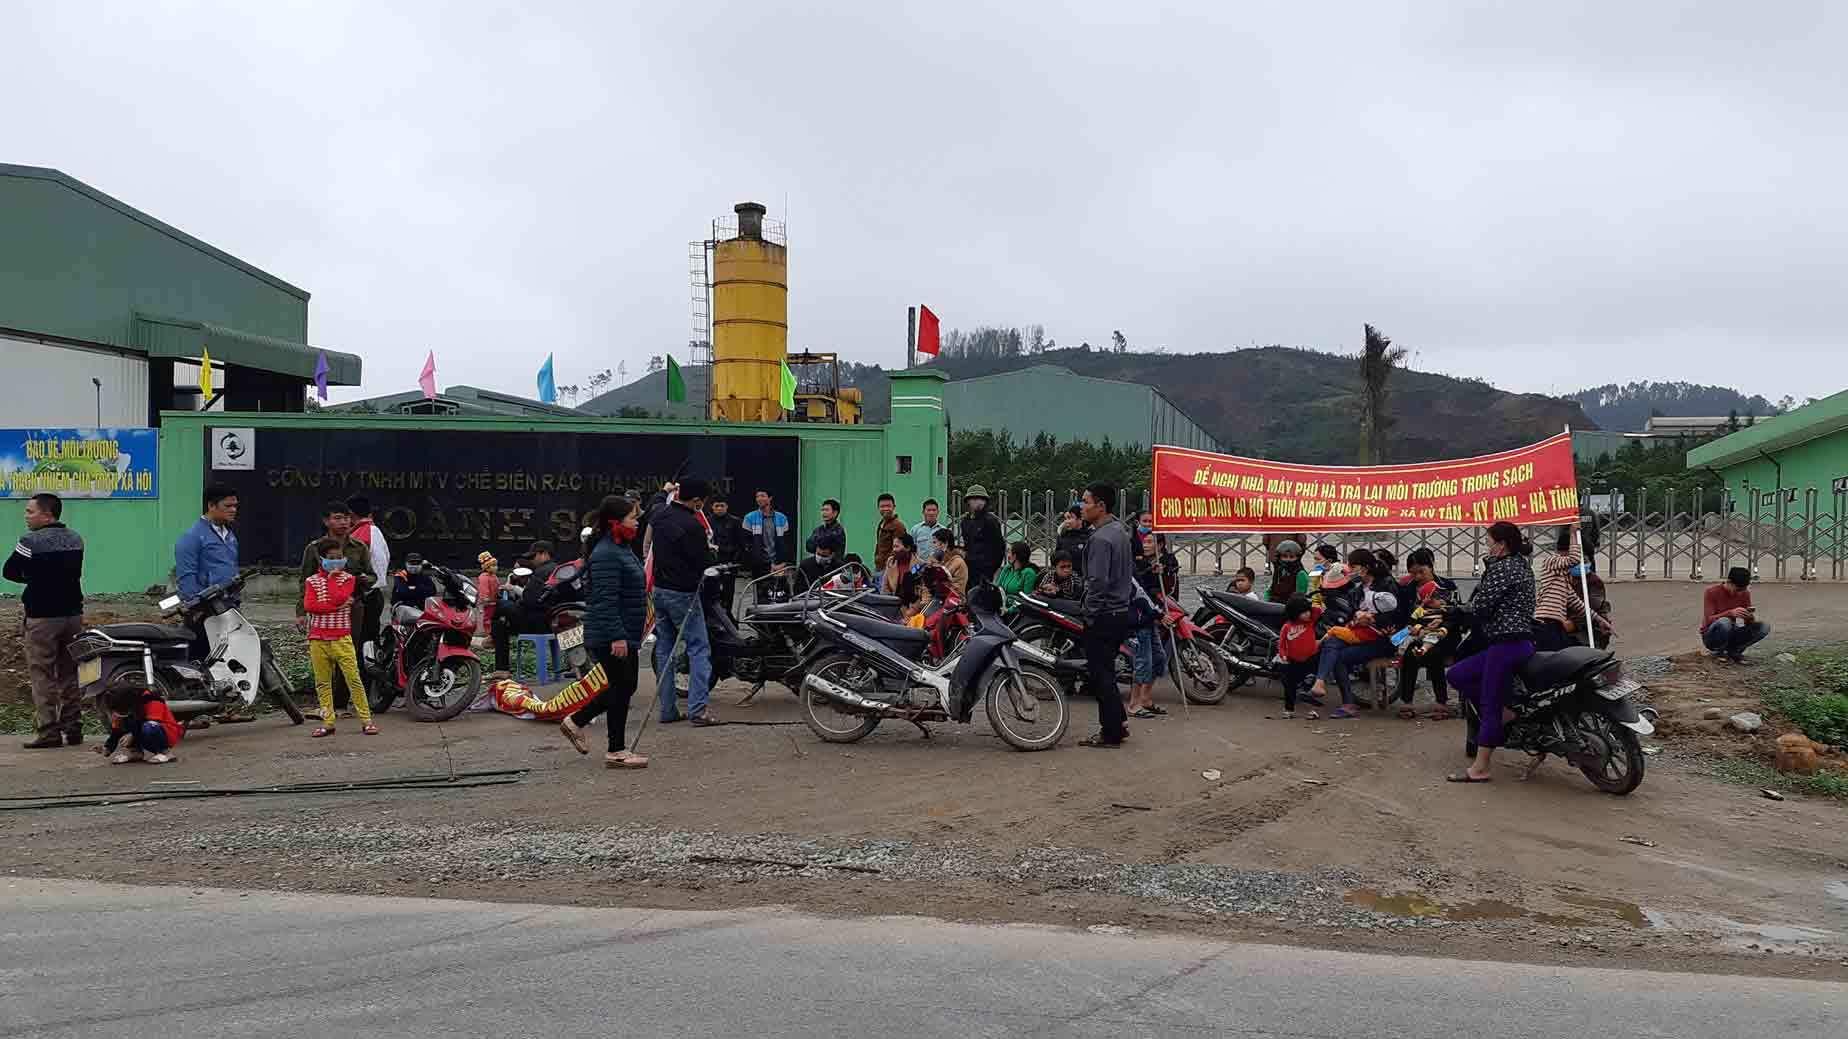 Nhà máy rác Phú Hà,ô nhiễm môi trường,Hà Tĩnh,bãi rác